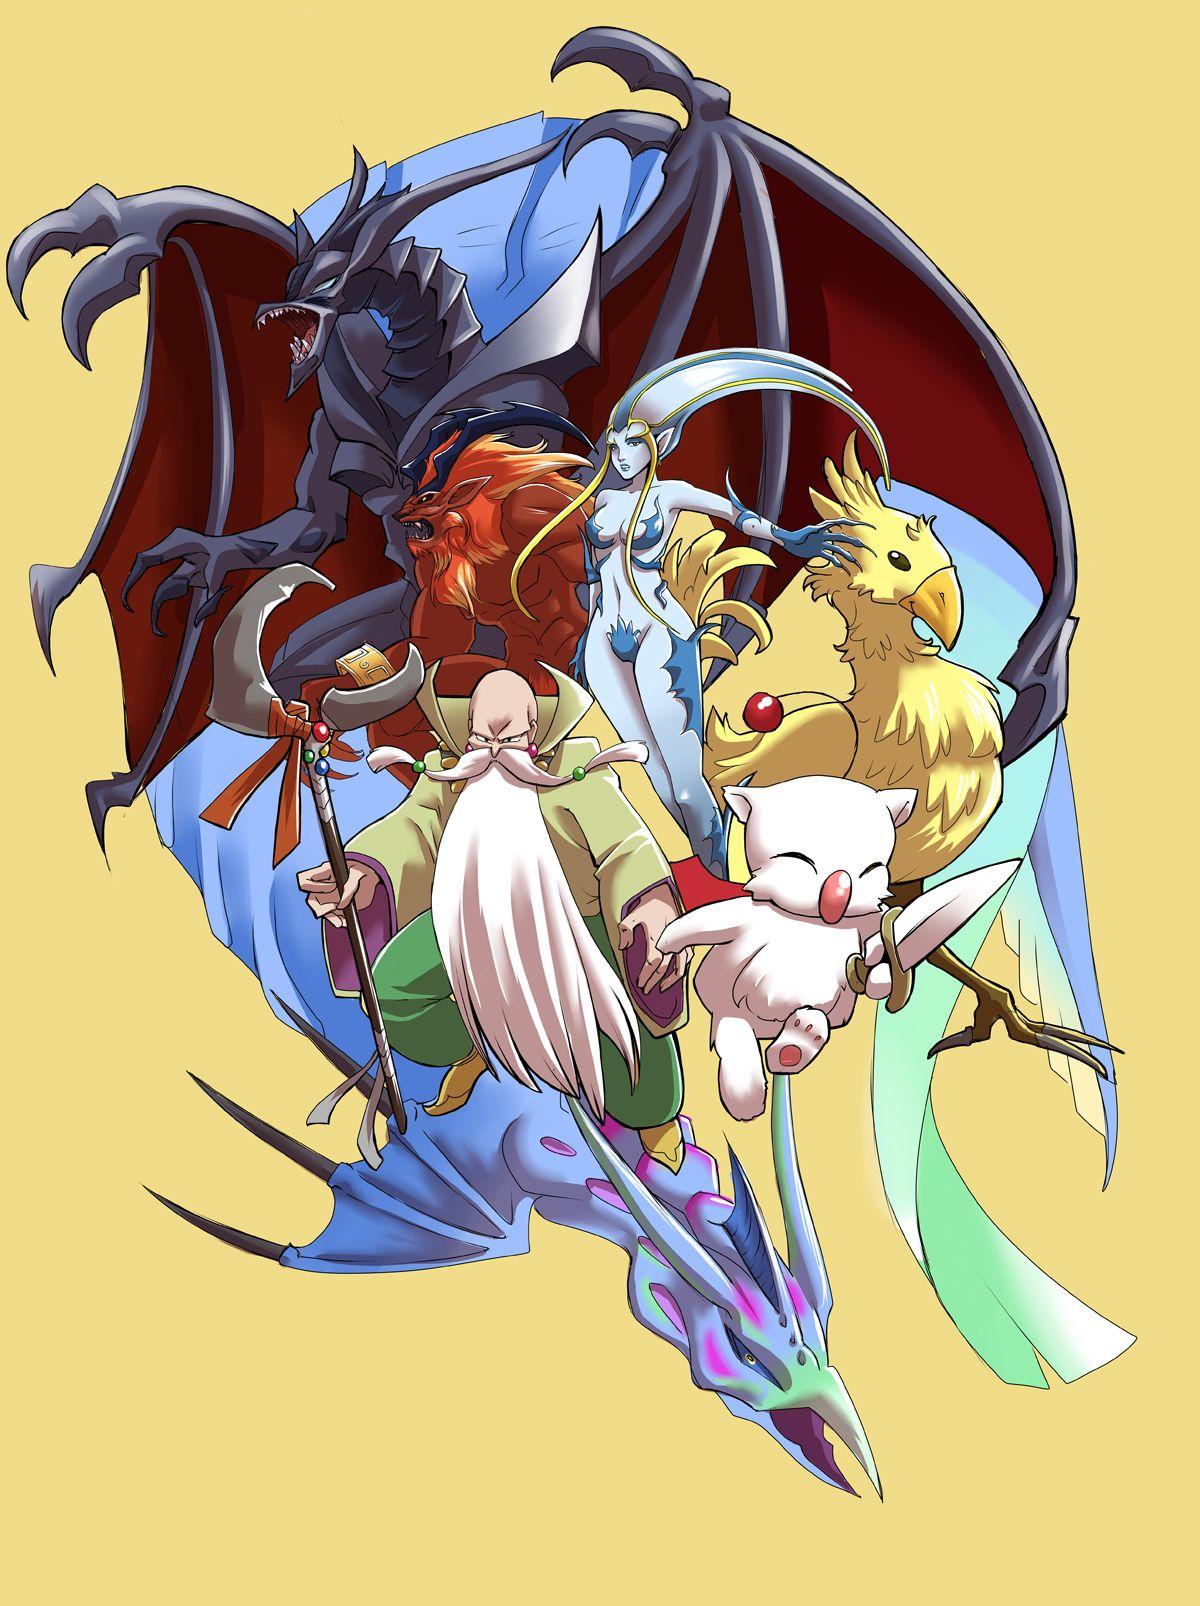 Final Fantasy summoned creatures Final fantasy vii